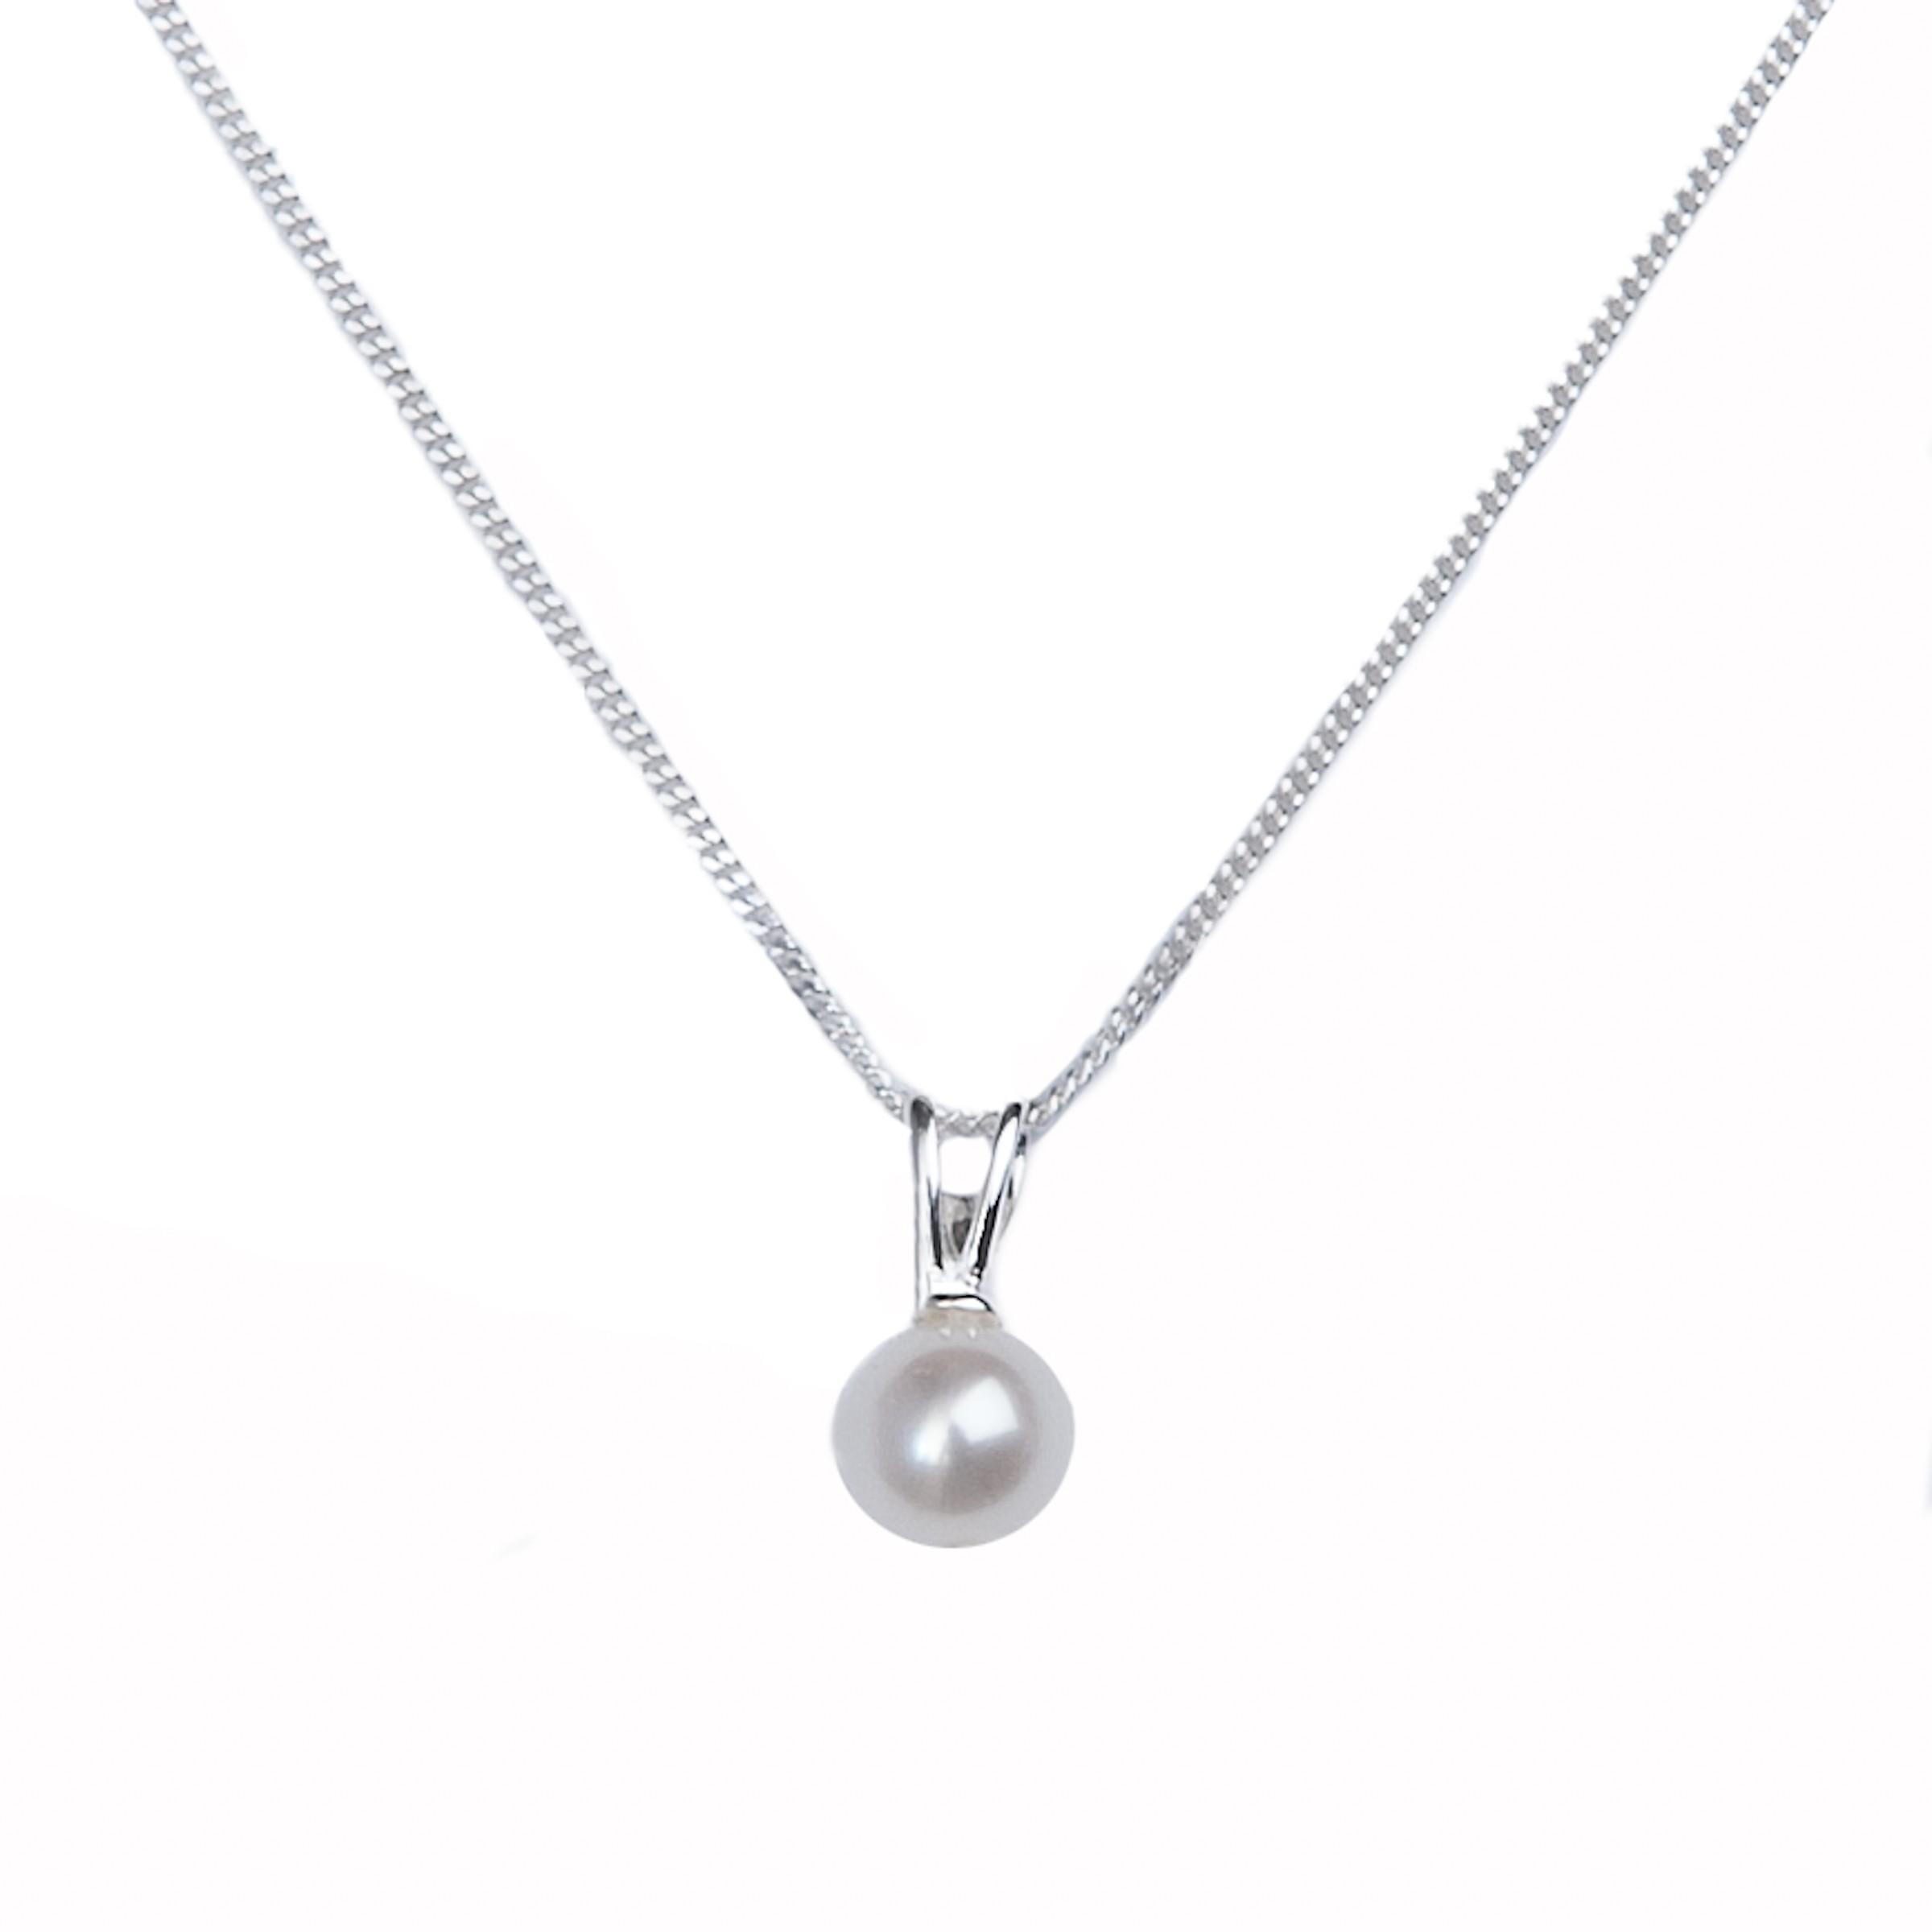 Sienna necklace